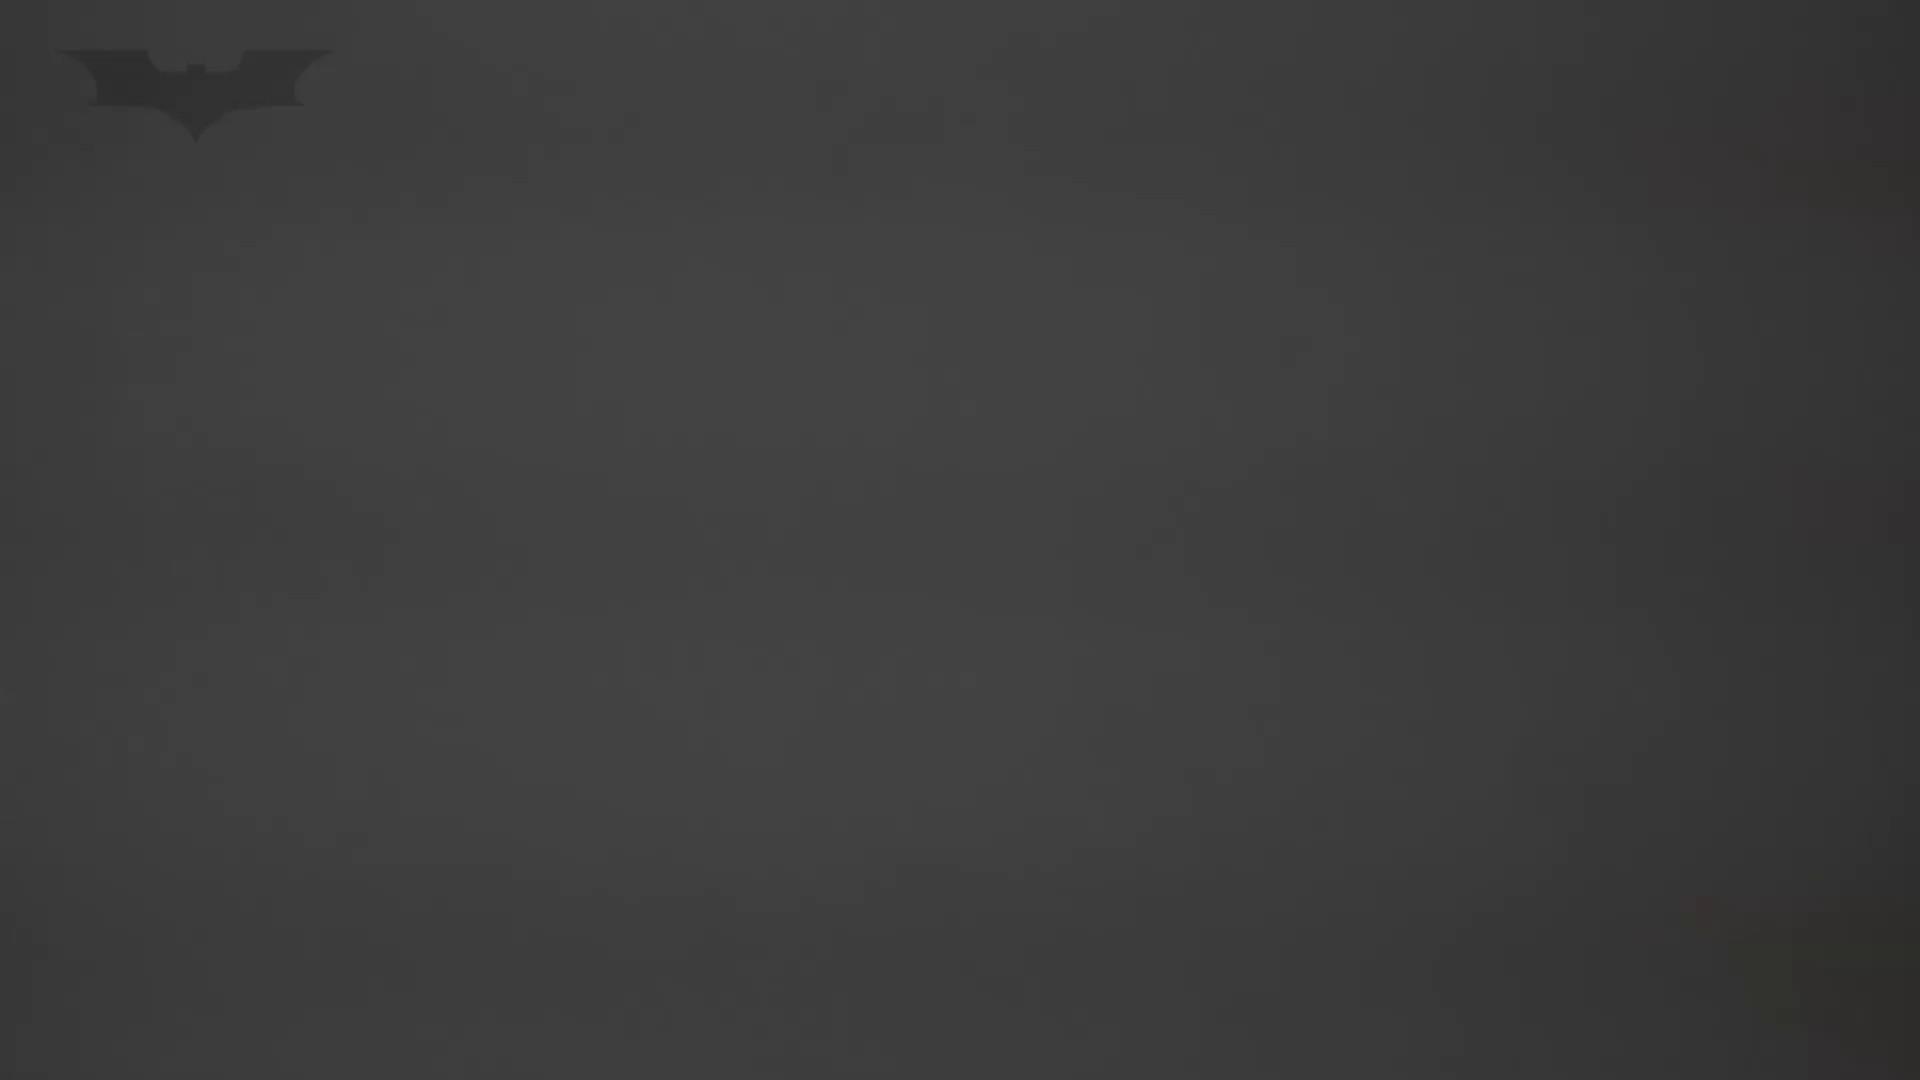 ▲復活限定D▲化粧室絵巻 駅舎編 VOL.12 SEIFUKUマフラー特集!! 高画質 AV無料動画キャプチャ 100画像 71